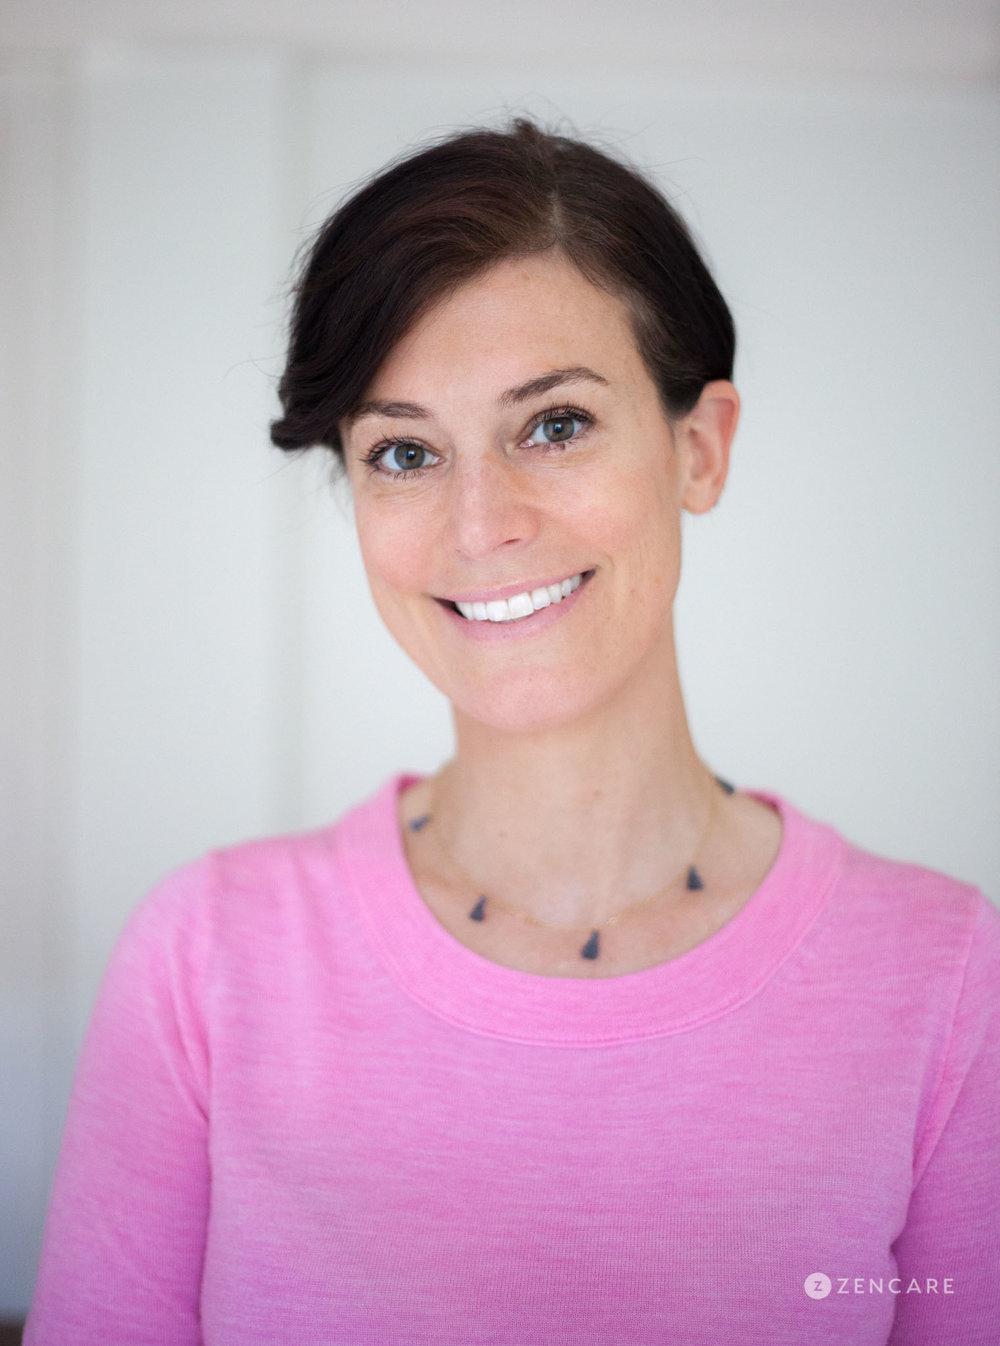 Laura Whiteley MD headshot-1.jpg